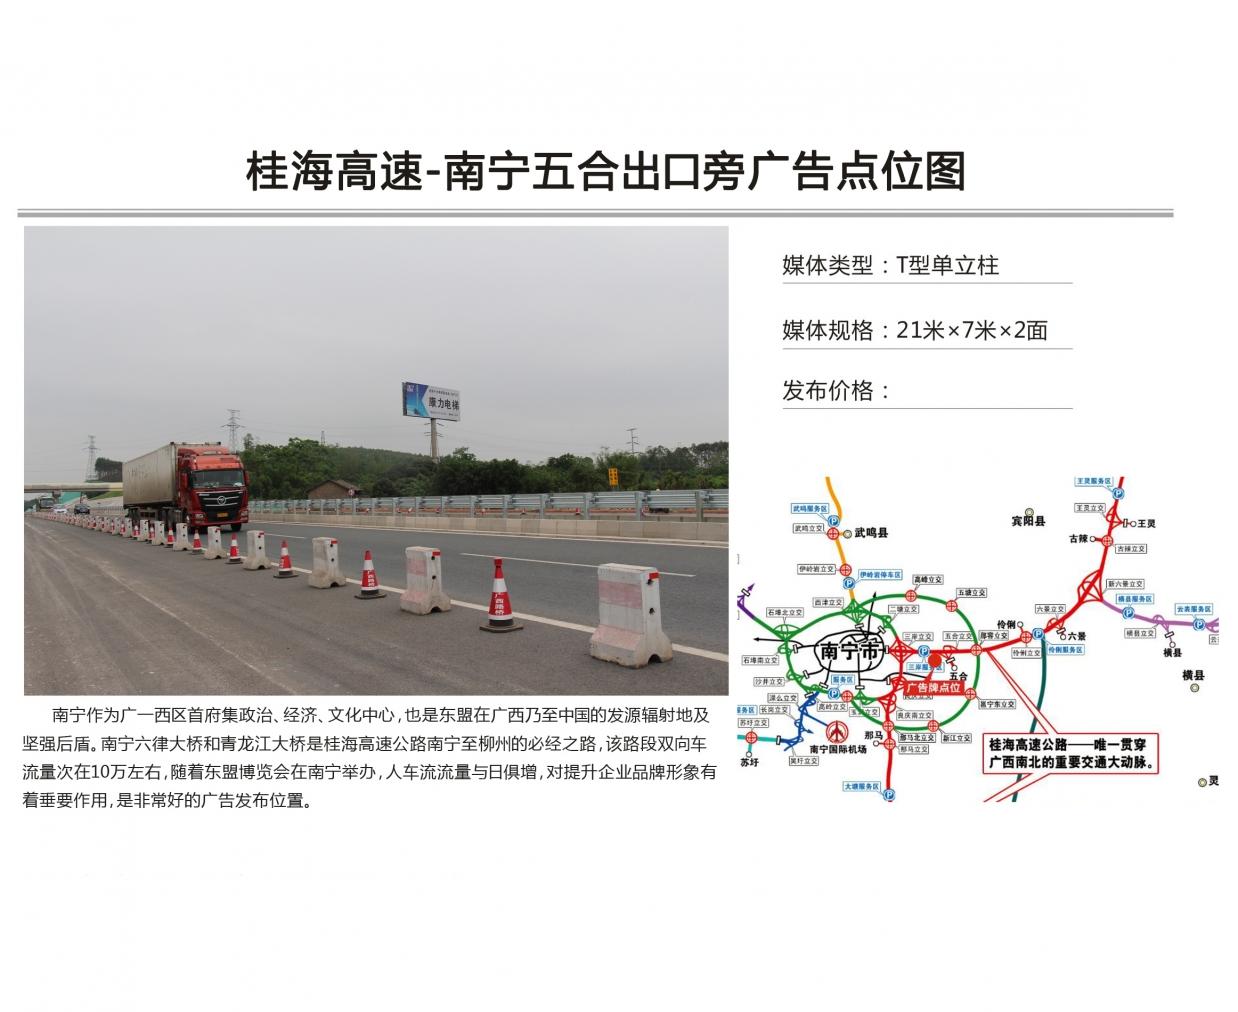 桂海高速-南宁五合出口旁广告点位图